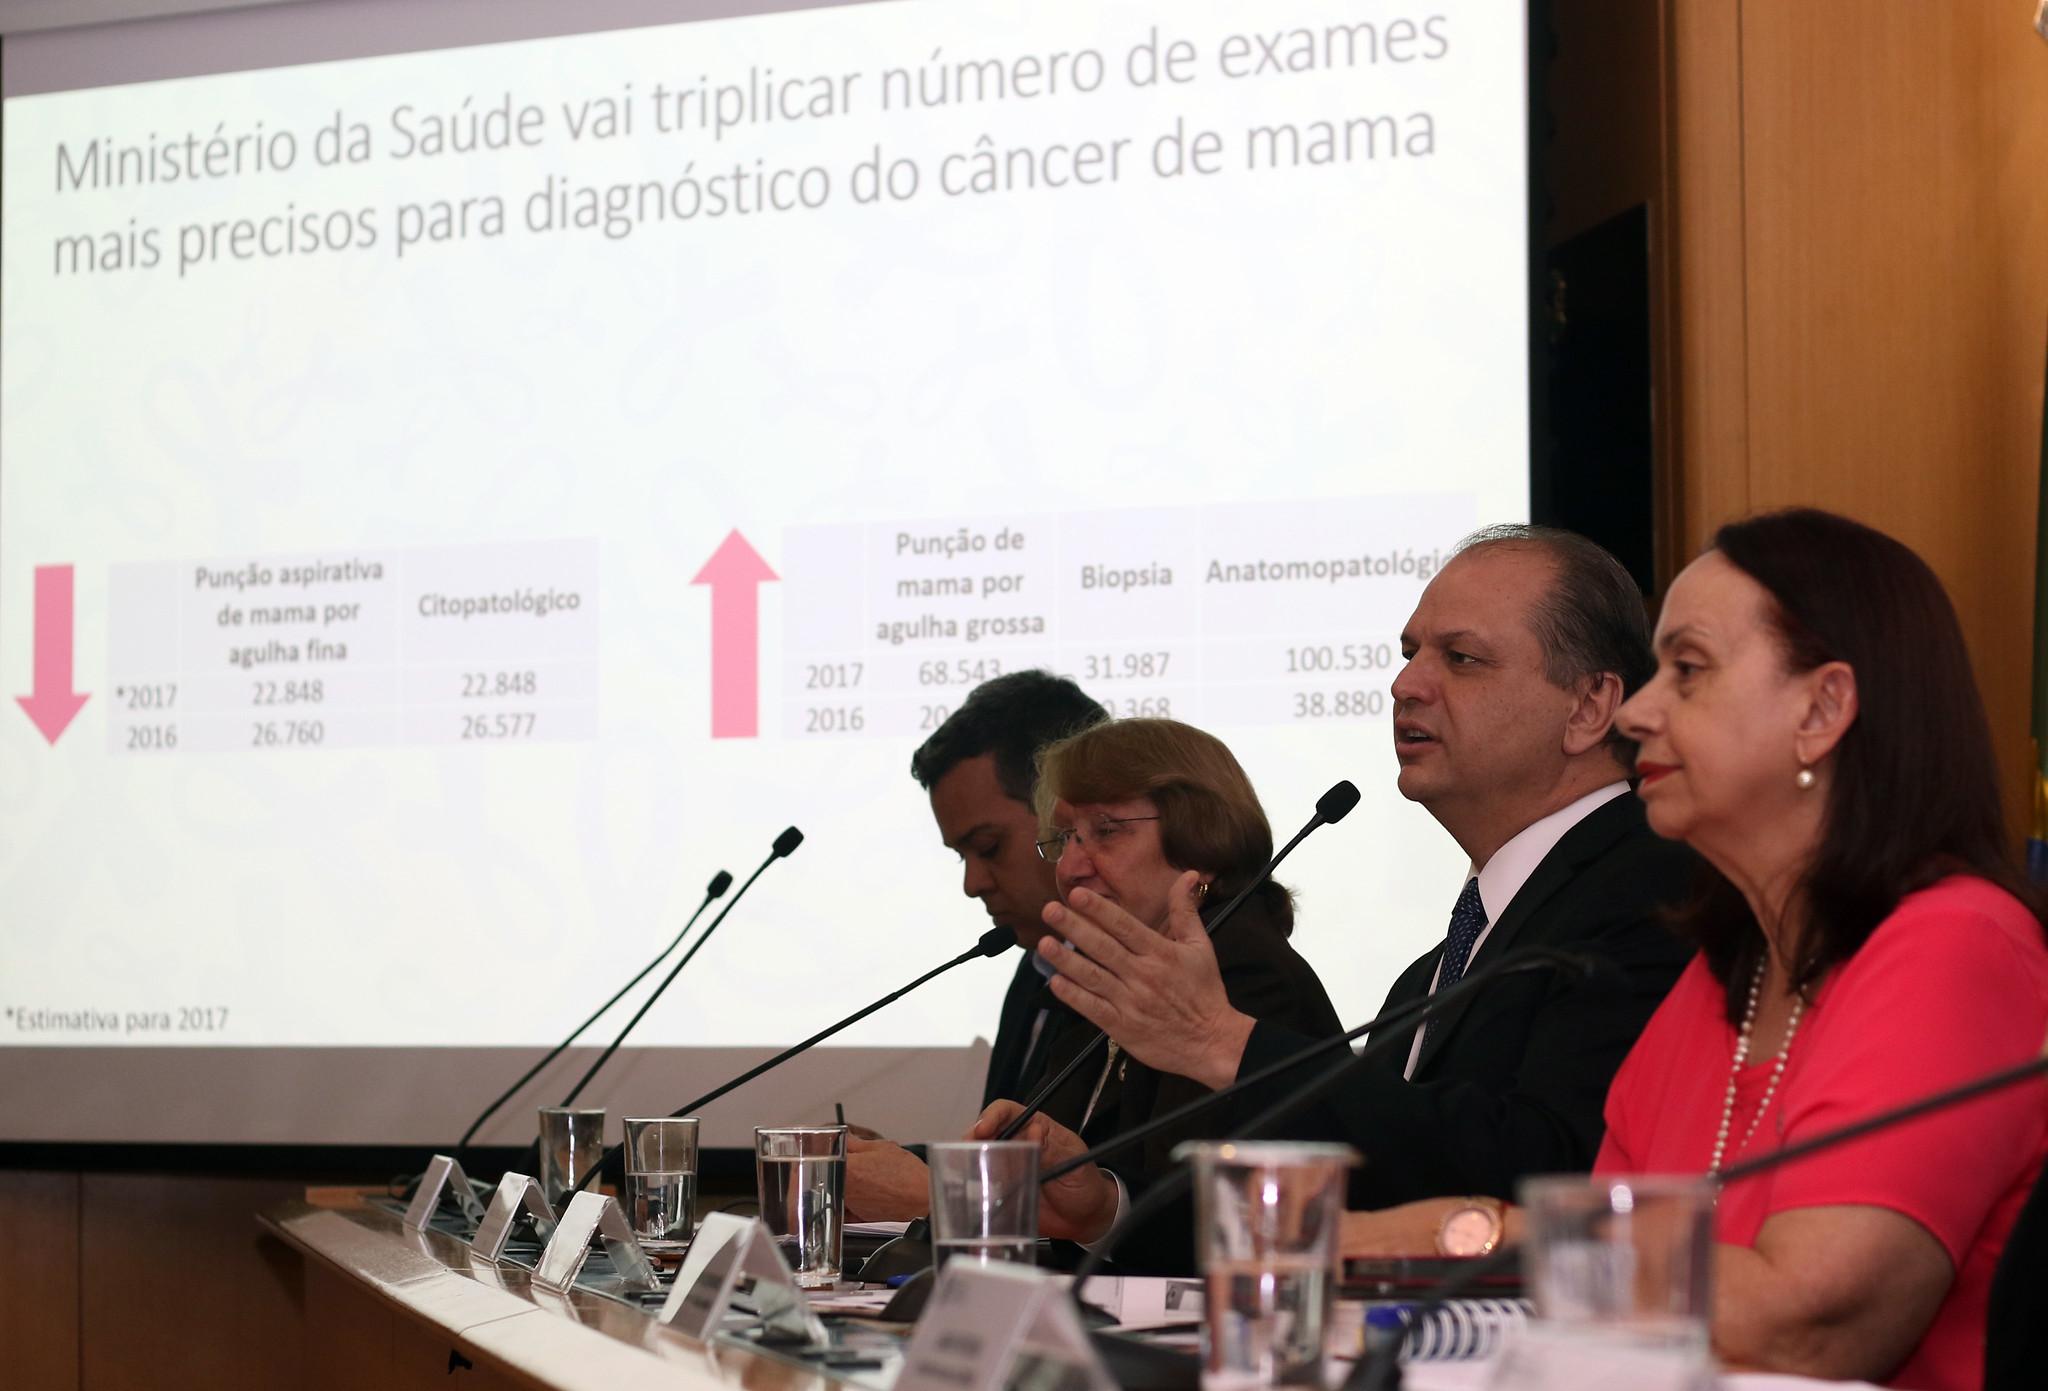 Serviços de saúde terão o dobro de recursos para diagnóstico do câncer de mama. Brasília, 23/10/2017. Foto: Rodrigo Nunes/MS